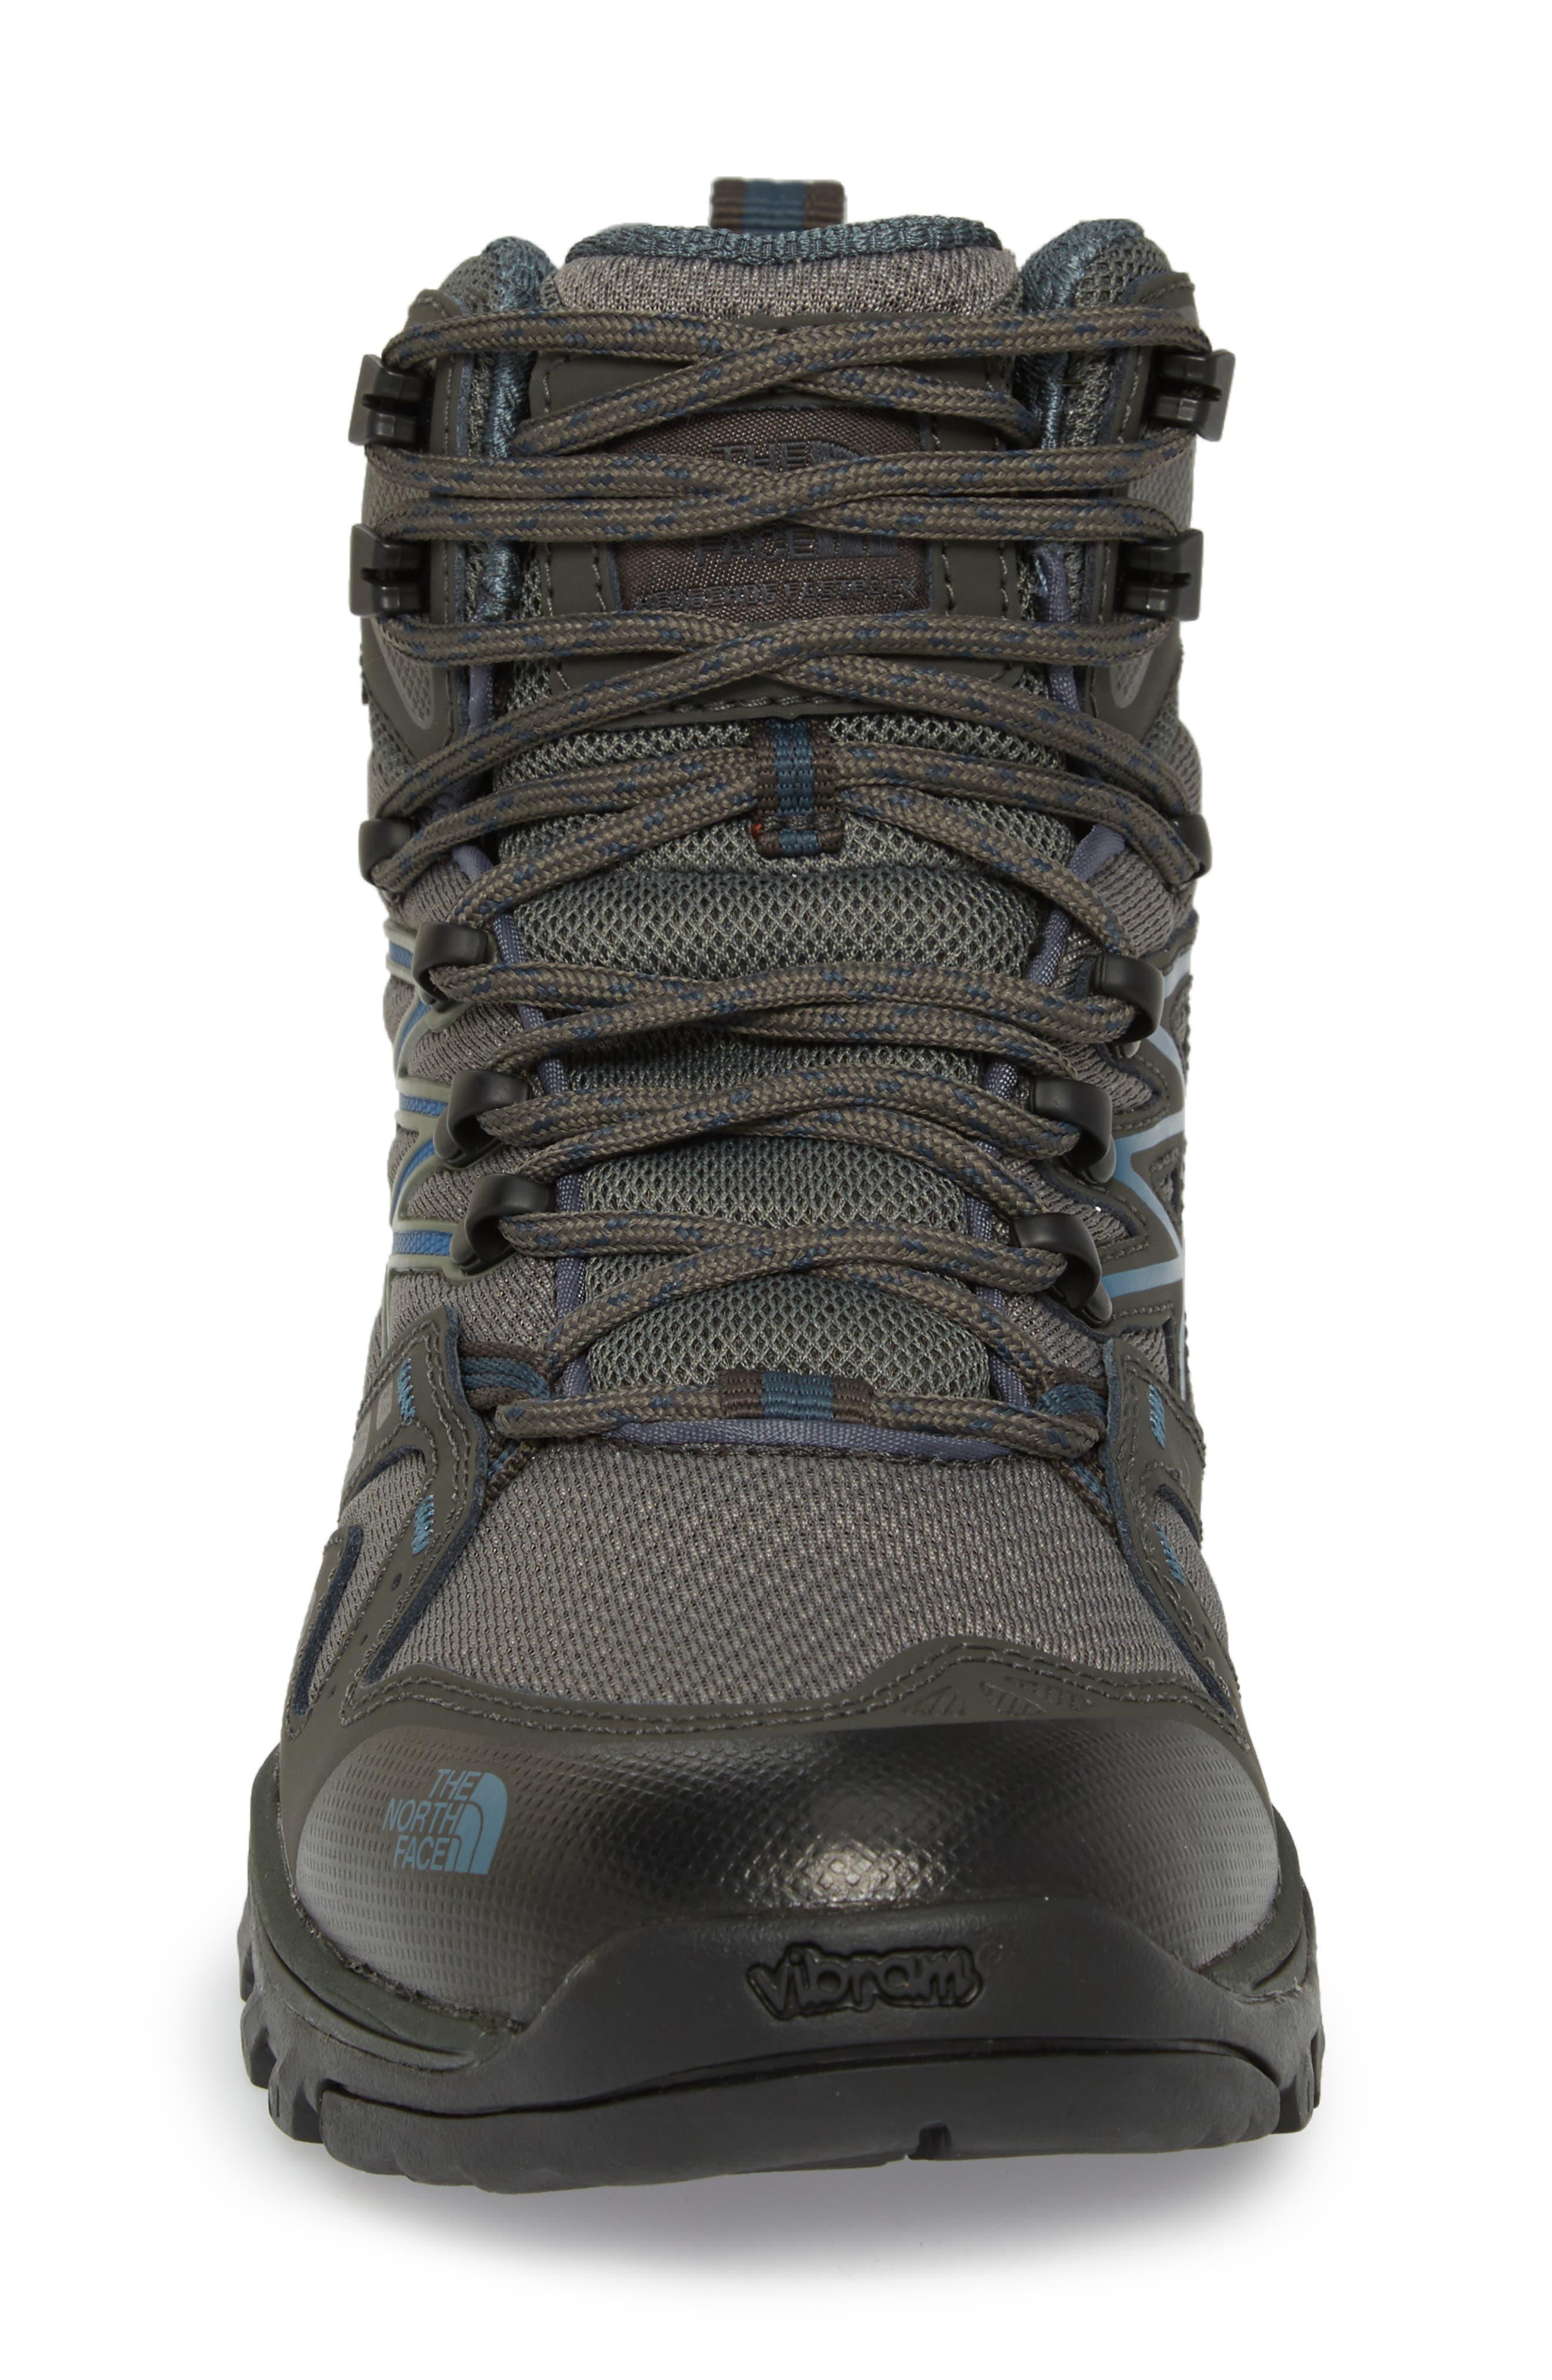 Hedgehog Fastpack Mid Gore-Tex<sup>®</sup> Waterproof Hiking Shoe,                             Alternate thumbnail 4, color,                             020